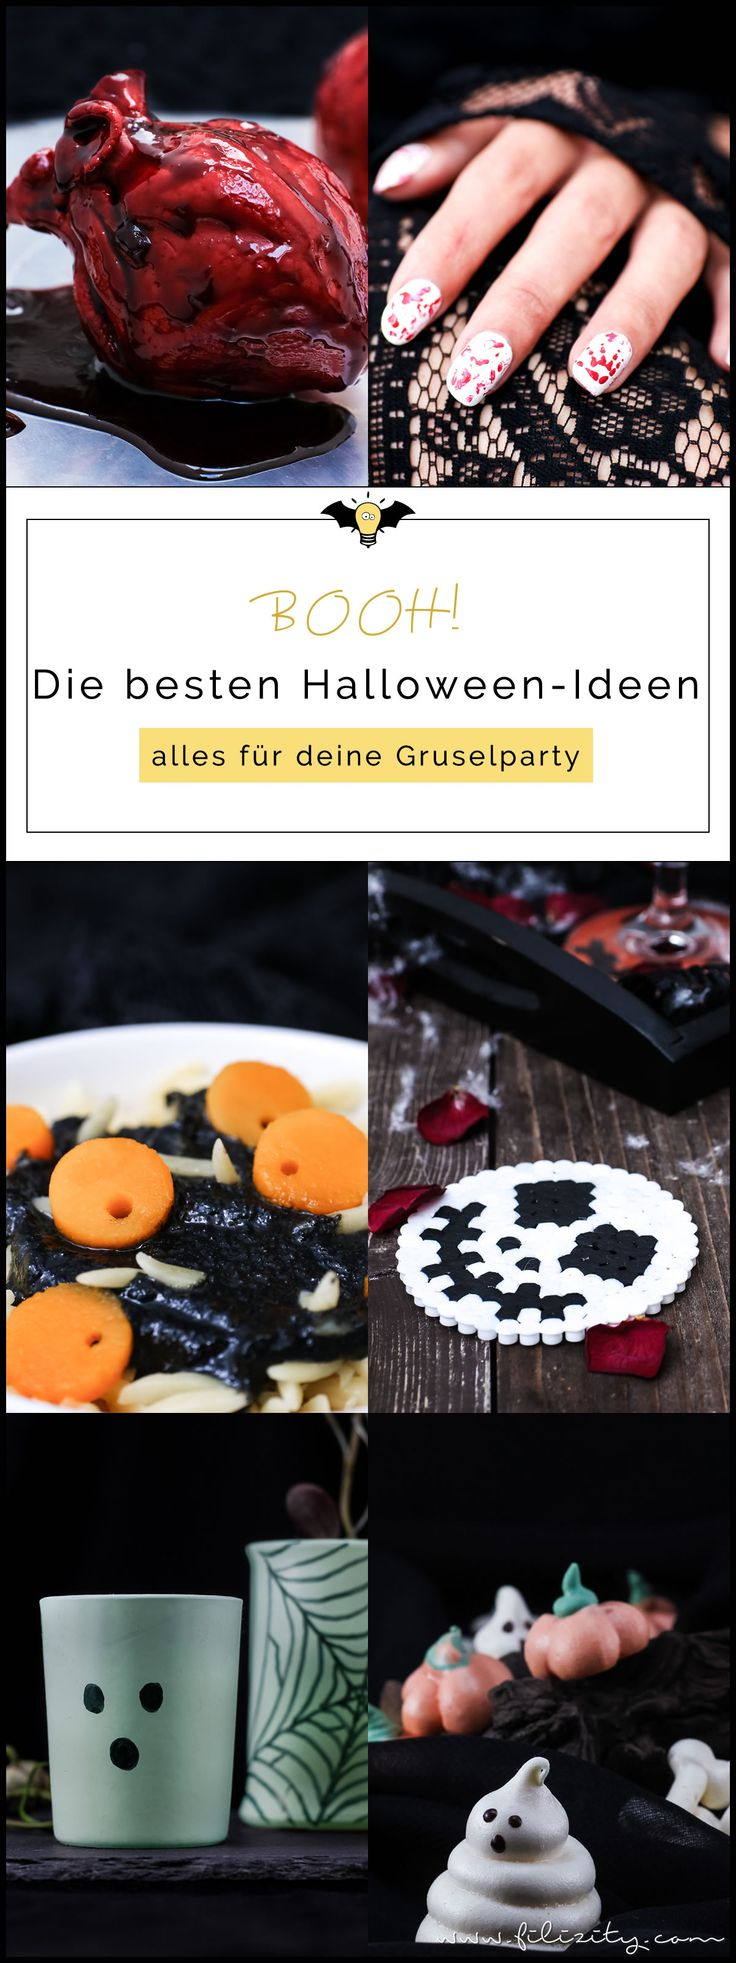 Die besten Halloween Ideen - Rezepte, Nageldesign, DIY Deko | Filizity.com | Lifestyle-Blog aus dem Rheinland #halloween